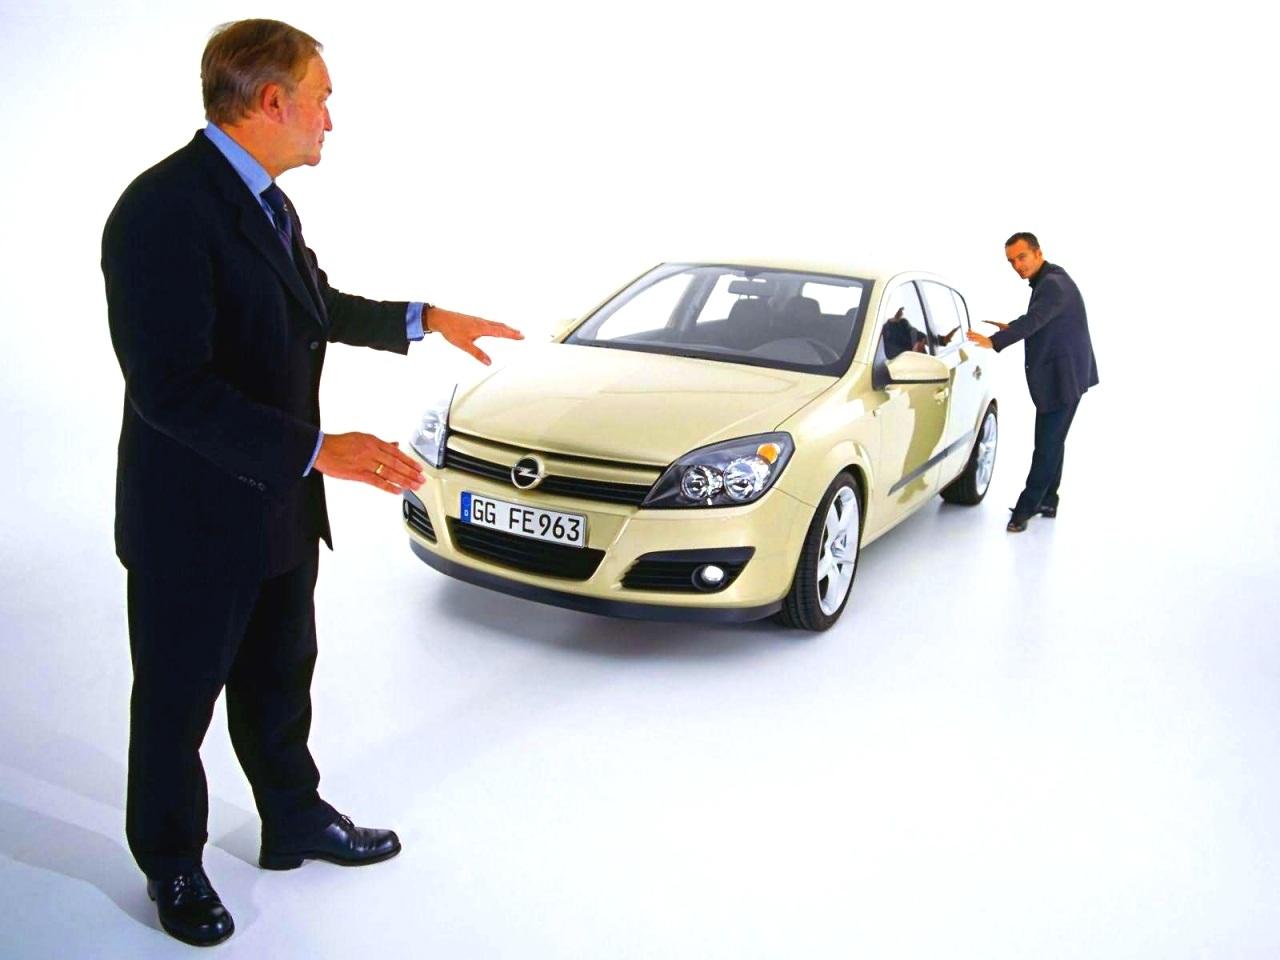 Комиссионная продажа подержанных бу автомобилей, куплю бу авто ...